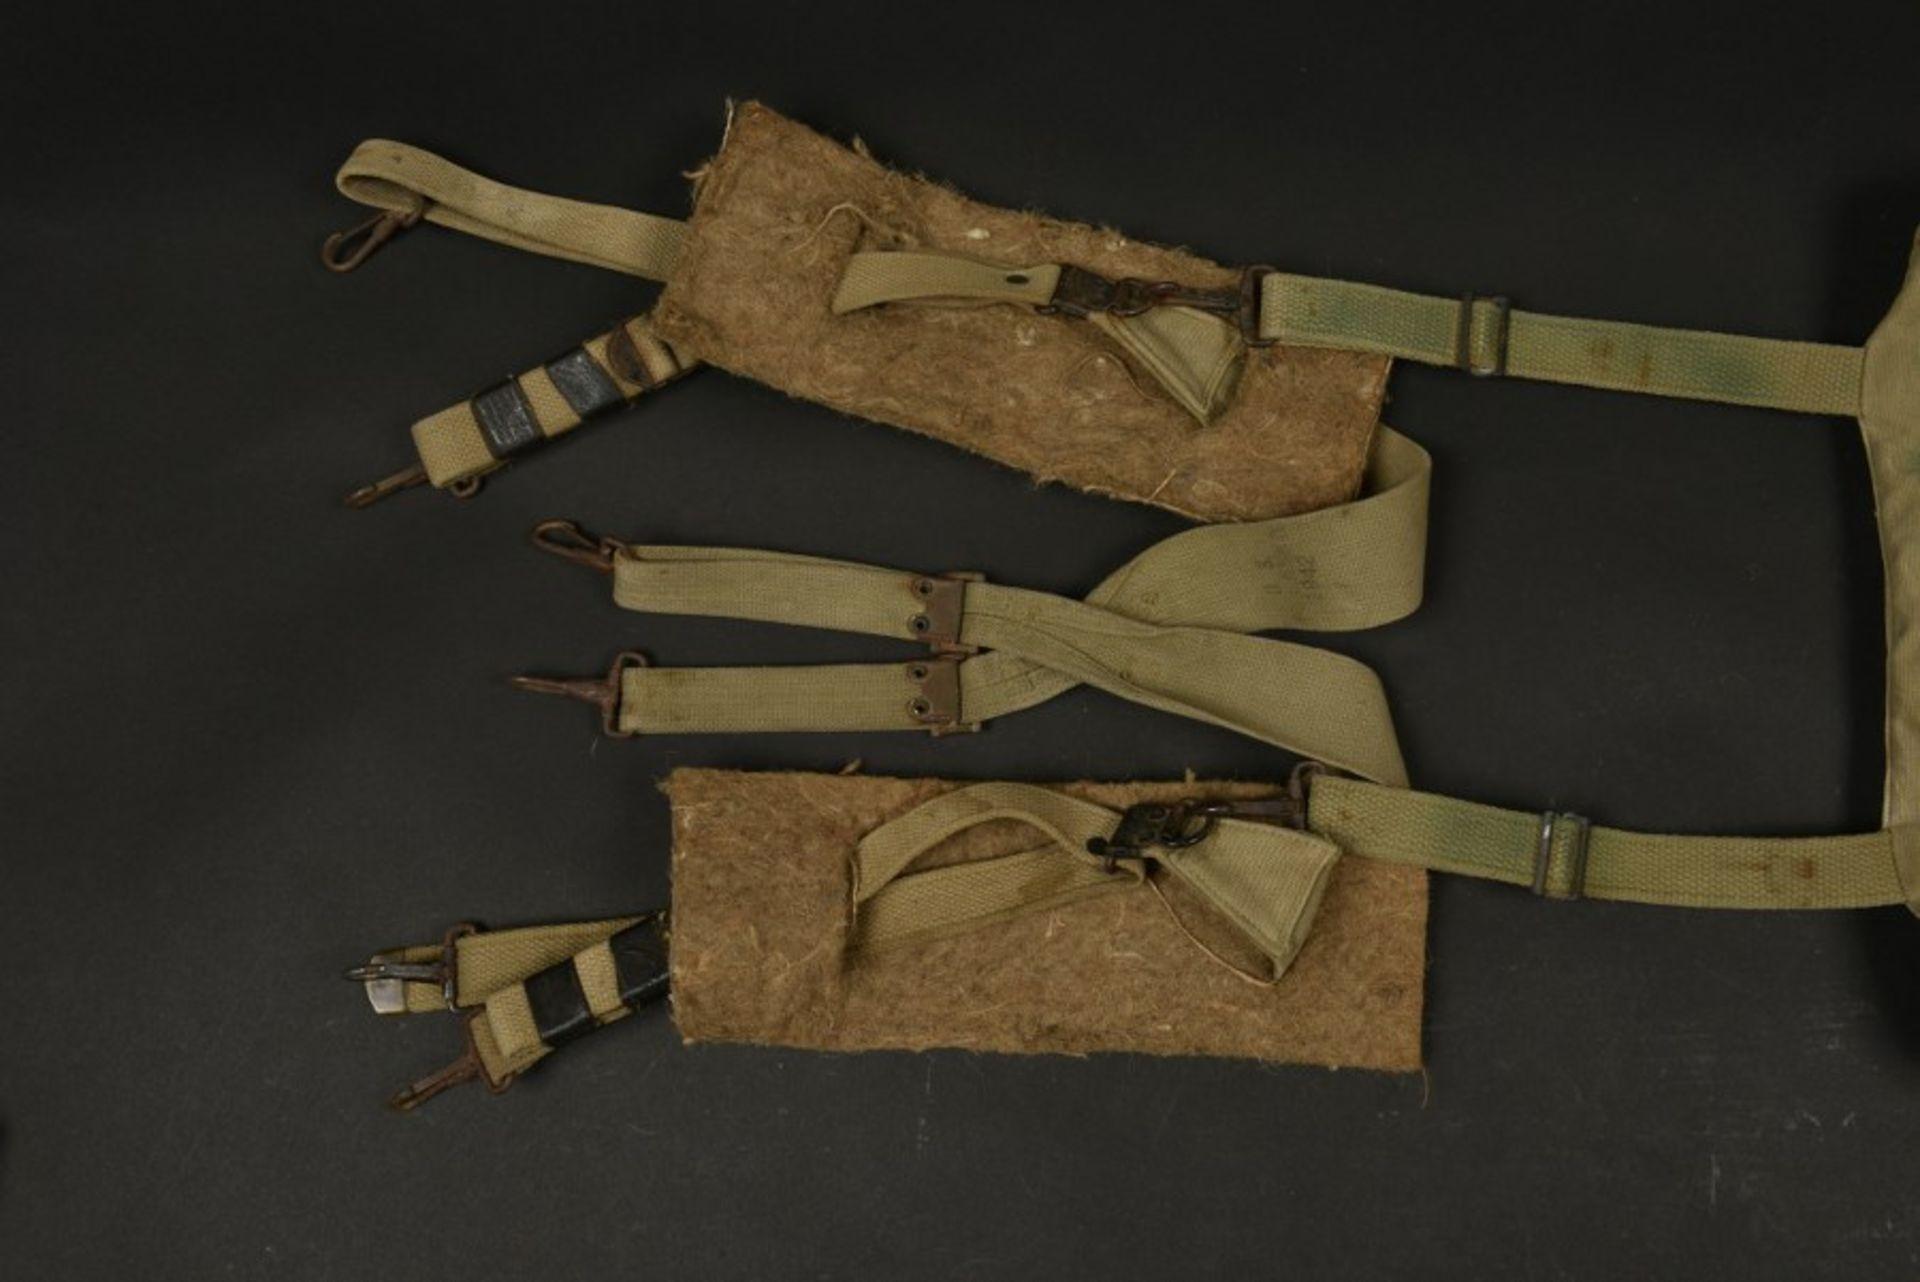 Brelage et sac M-36 camouflé de parachutiste Dahlquist Arne du 325ème GIR de la 82ème Airborne. M-36 - Bild 4 aus 4